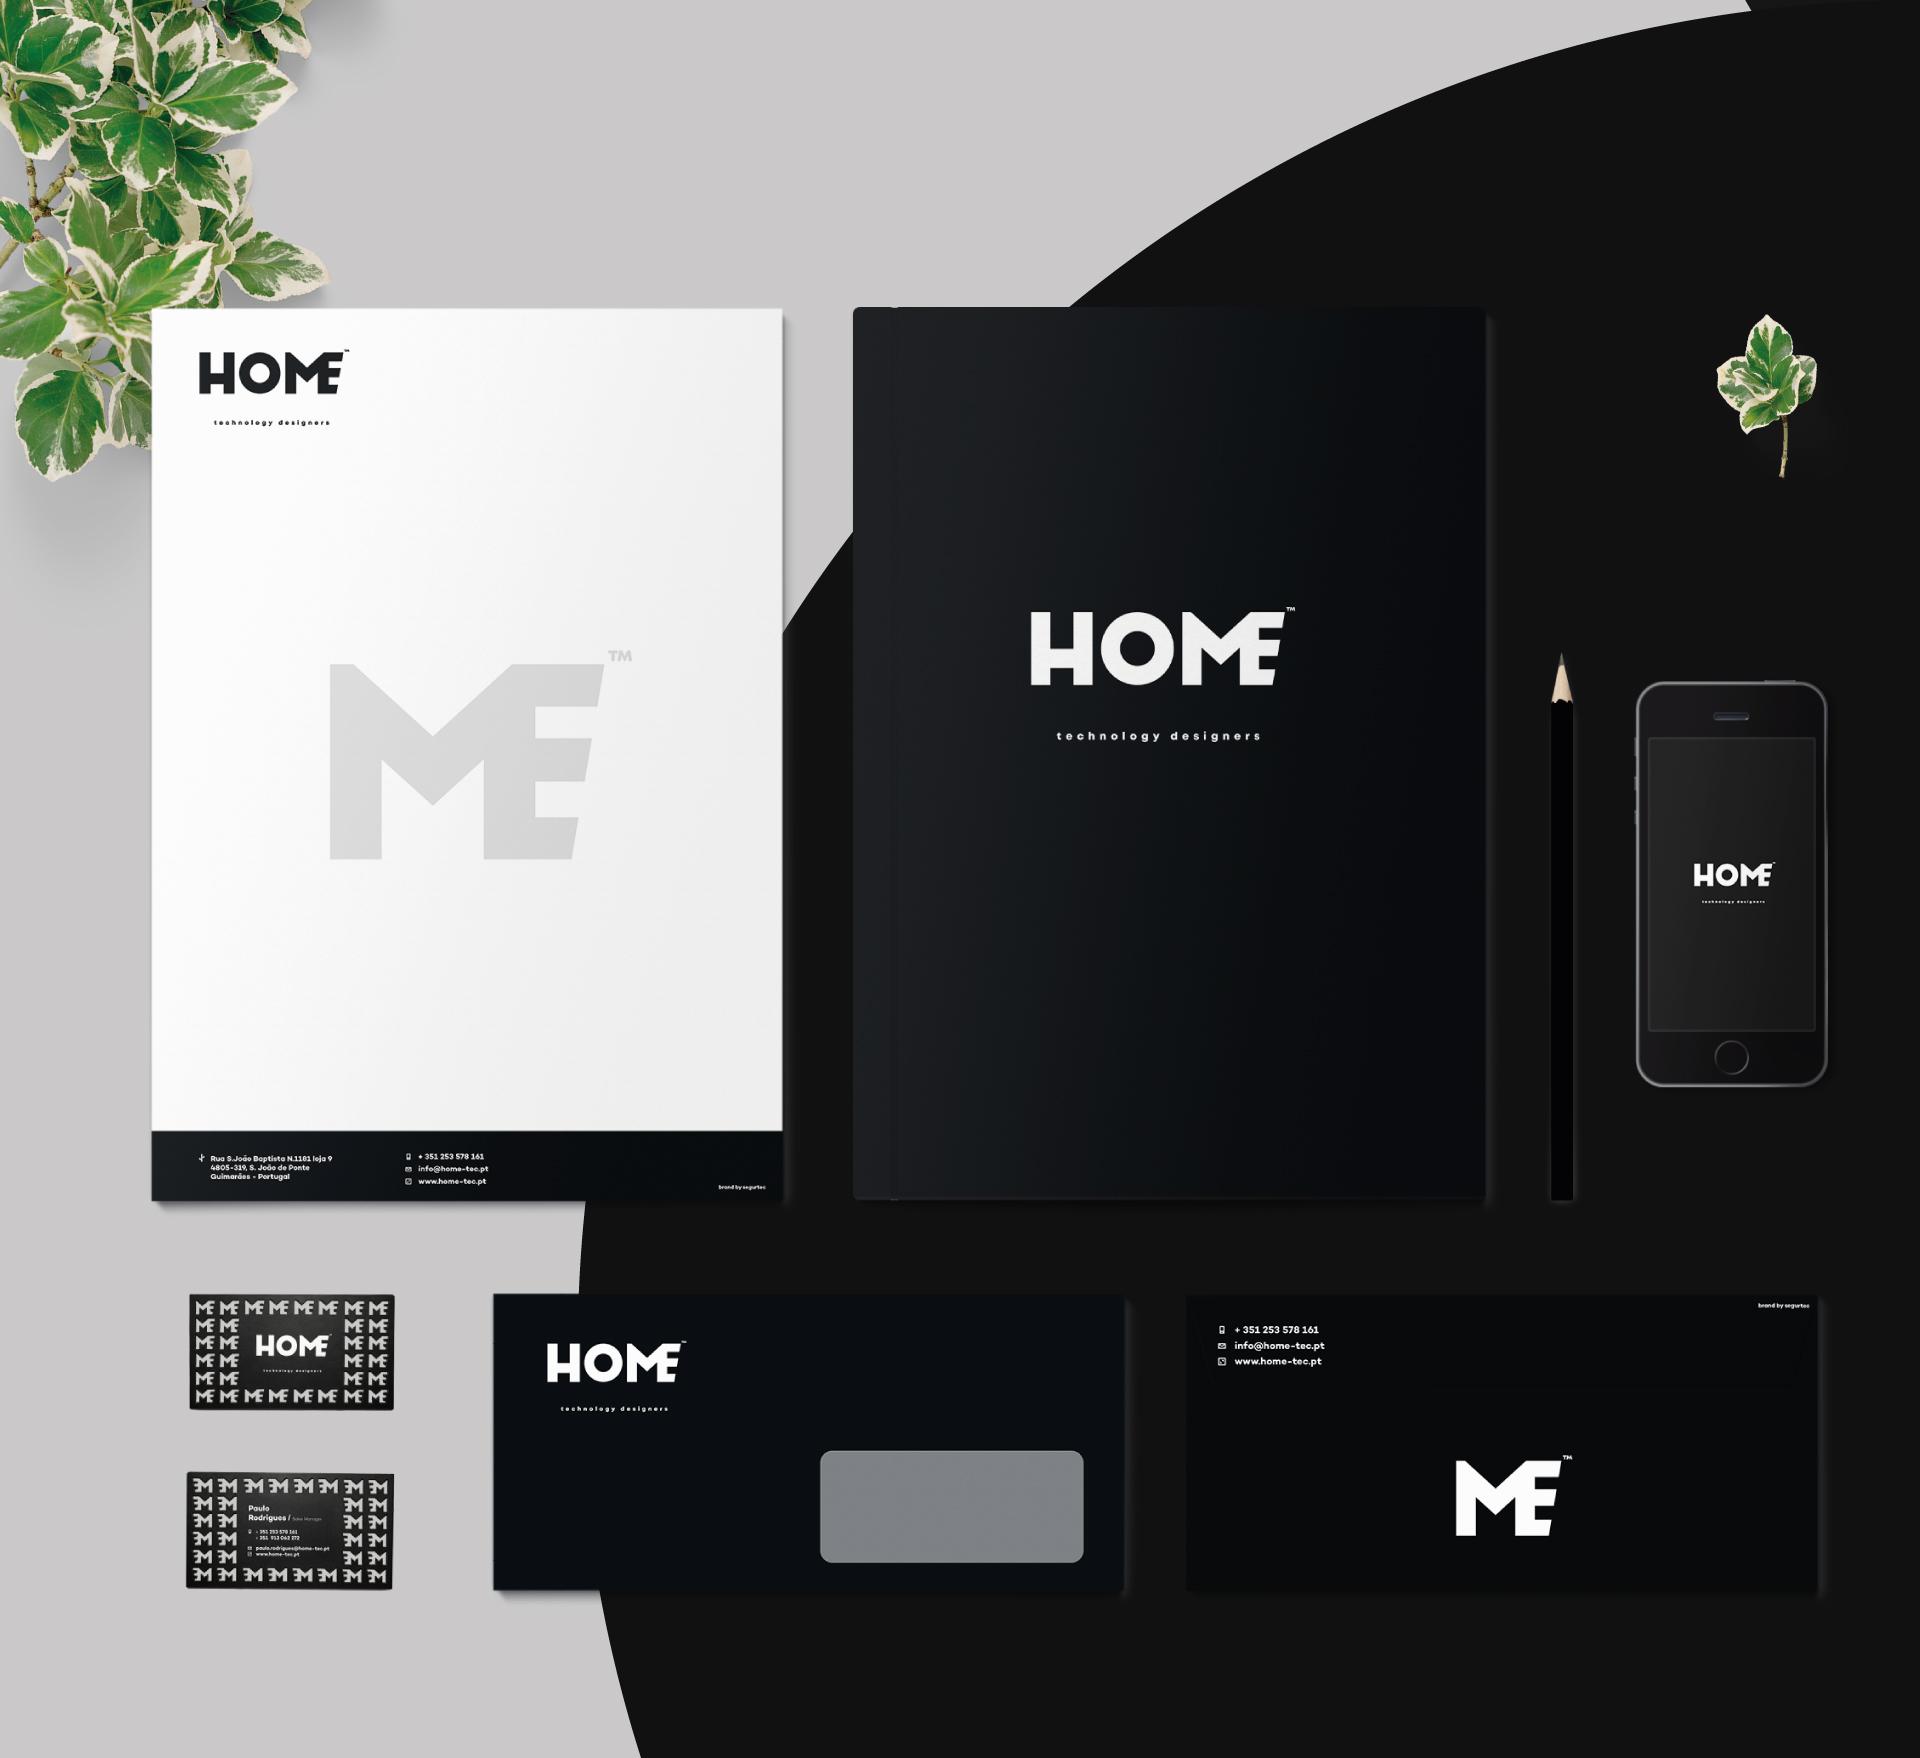 Exemplos de aplicações da marca Home em envelopes, capas, papel timbrado e cartões